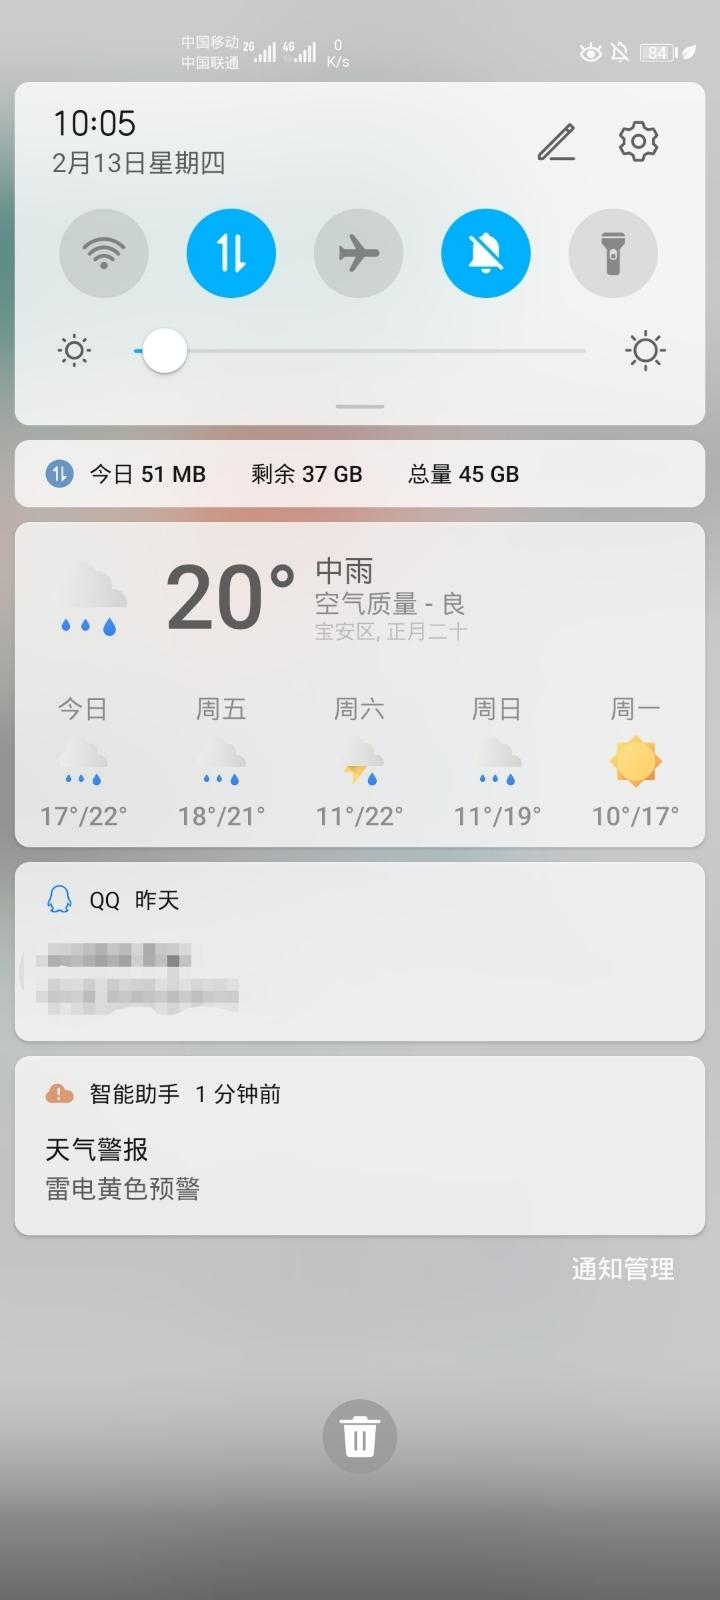 Screenshot_20200213_100538.jpg